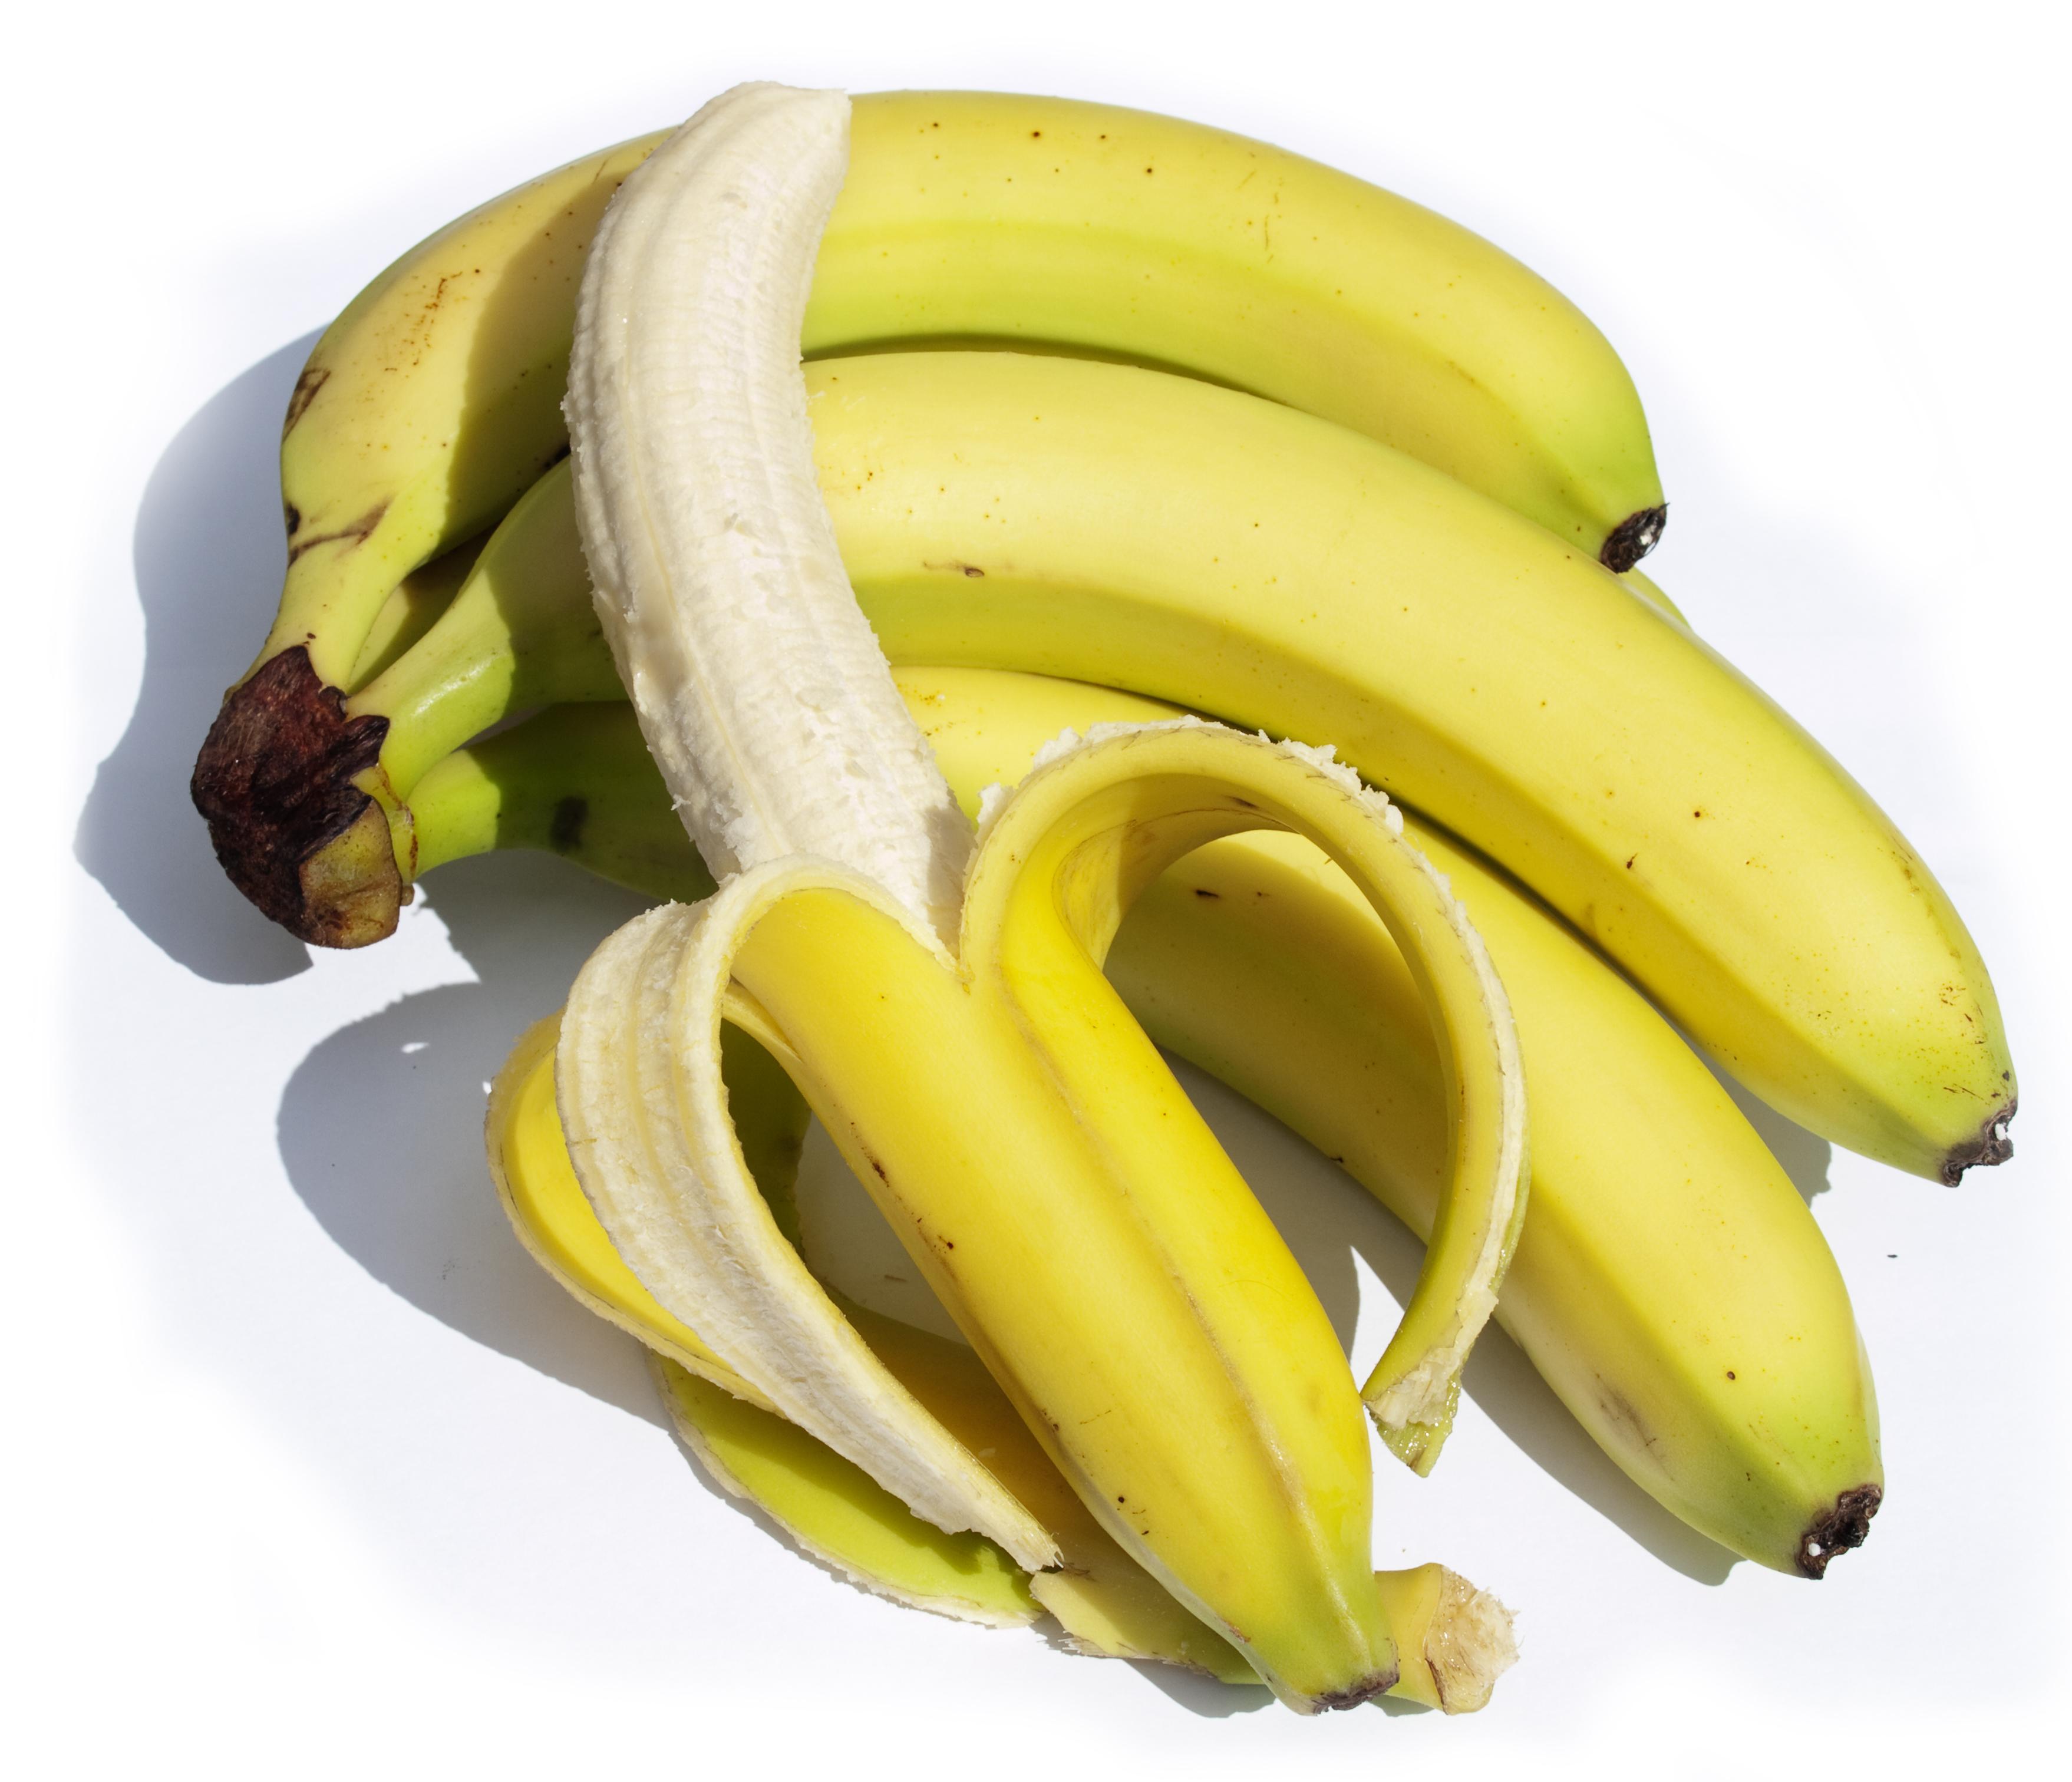 Dieta ricca di potassio per prevenire l'ipertensione